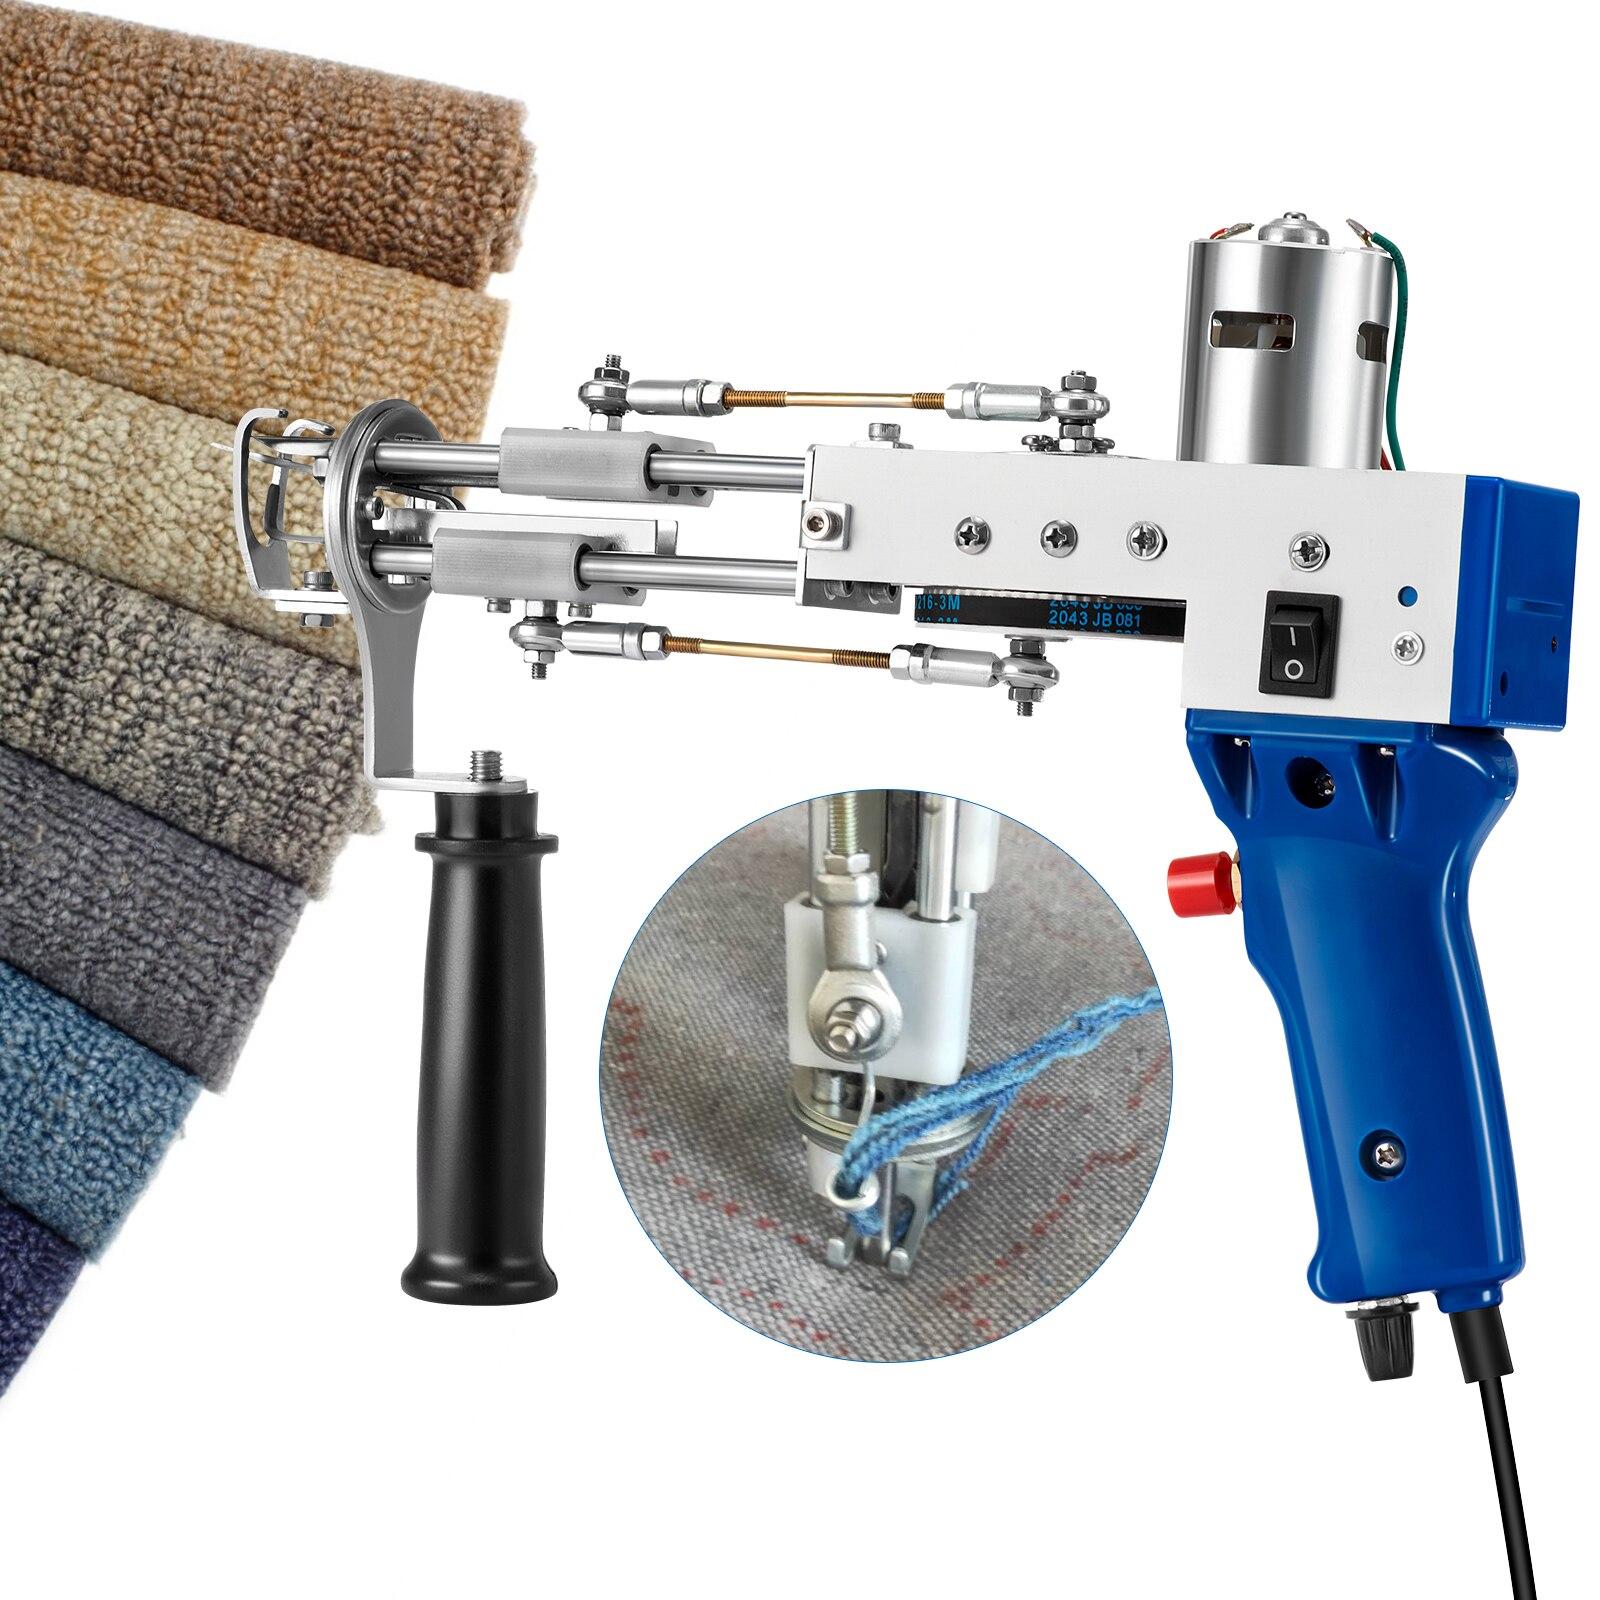 Electric Carpet Tufting Gun Carpet Weaving Machine Flocking Machine Industrial Embroidery Machine Cut Pile Knitting Machine enlarge